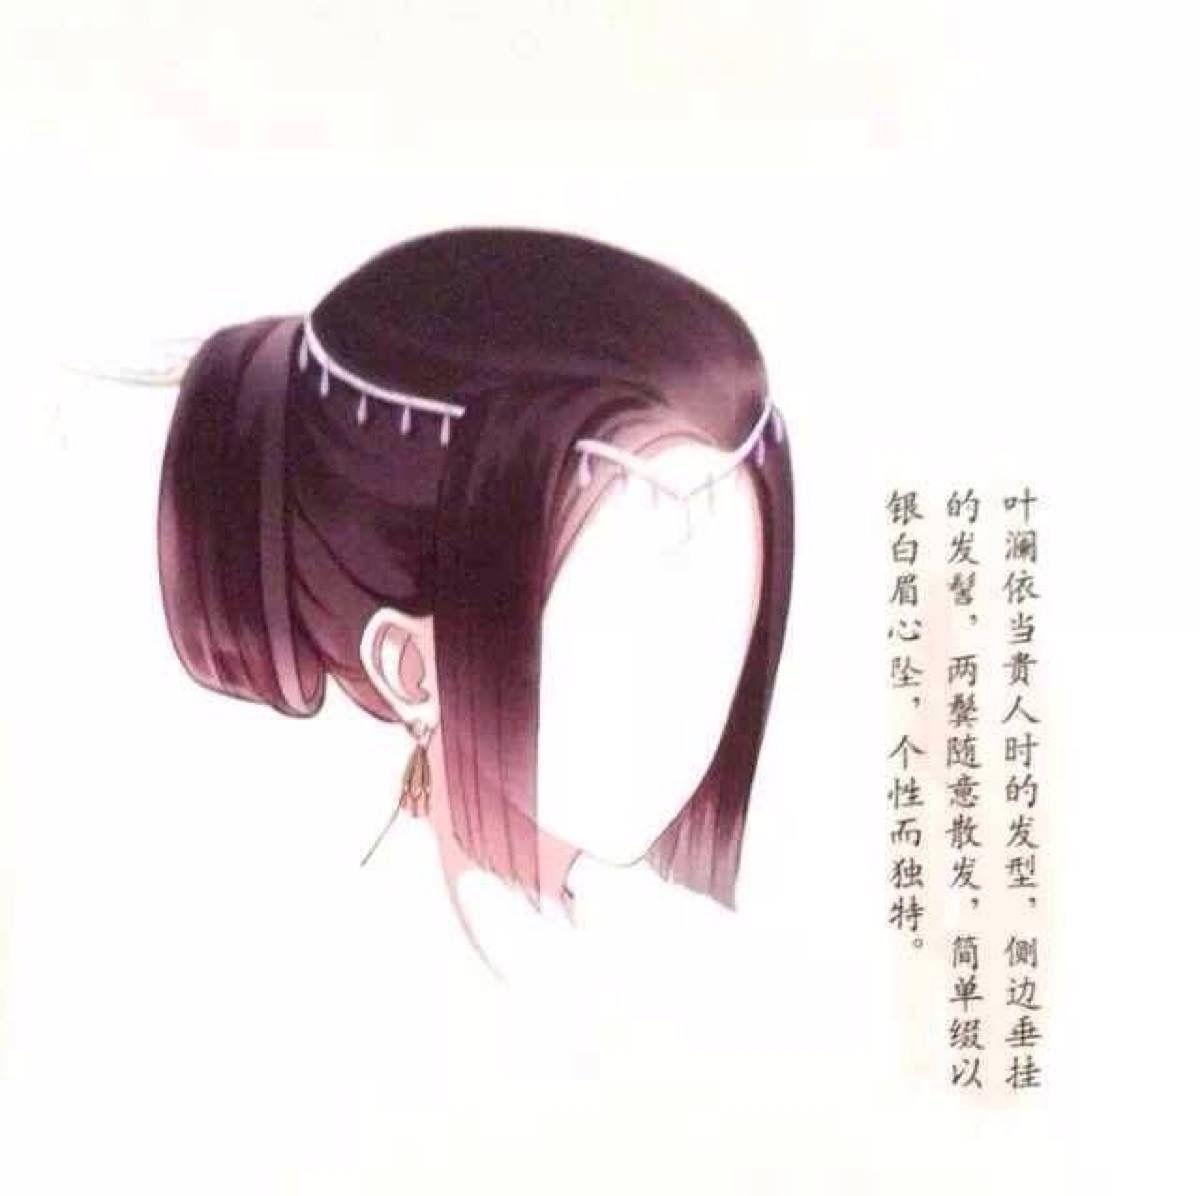 Sketches Chinese HairstylesAnime HairstylesDrawn